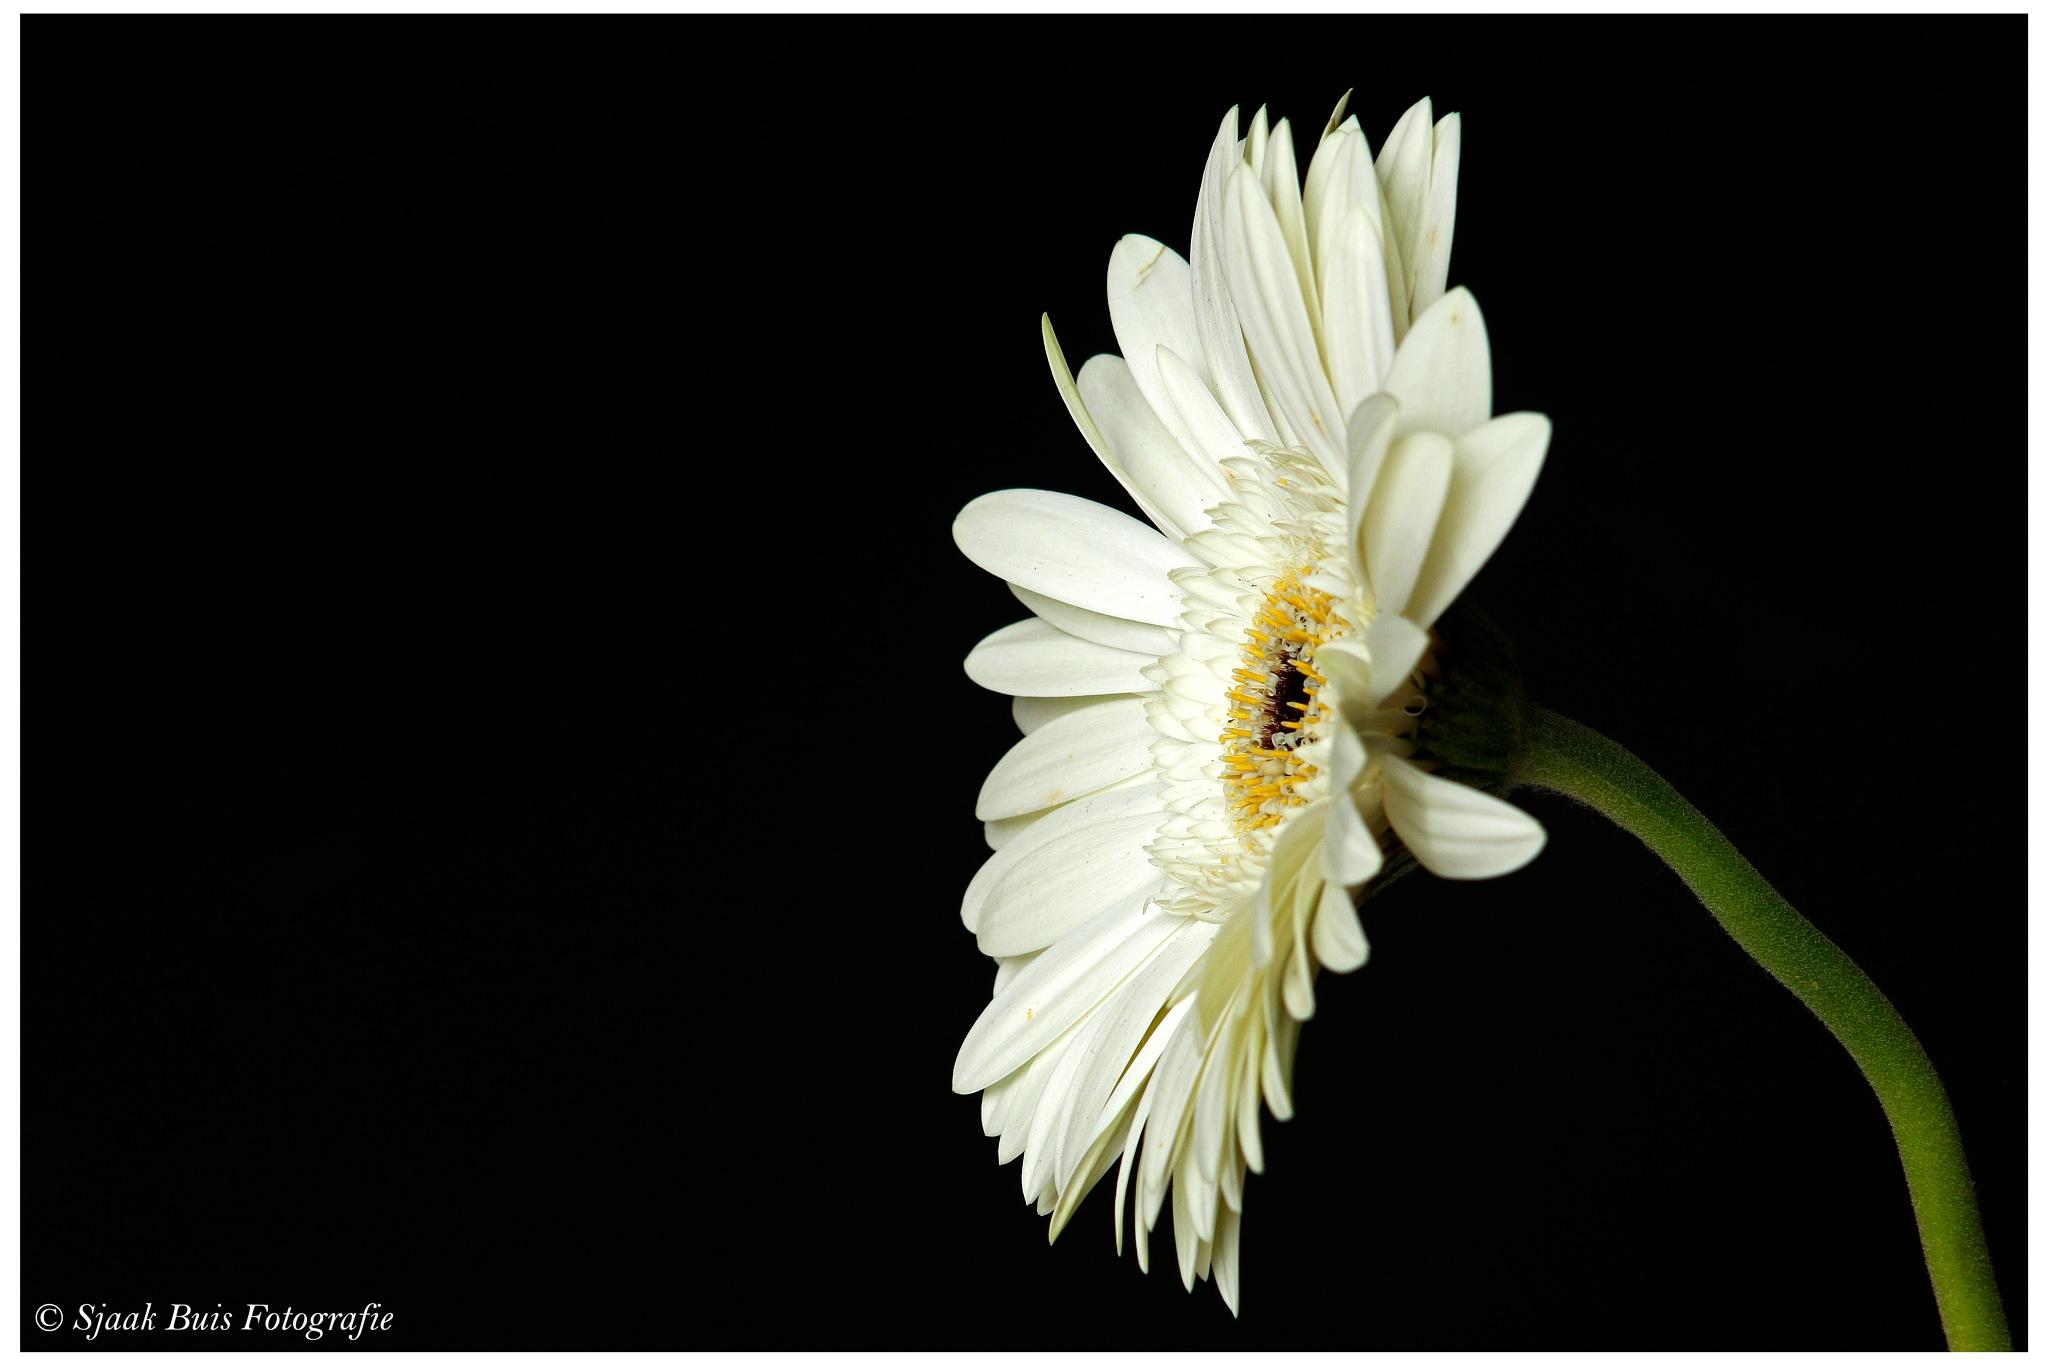 Flower the Gerbera 3 by Sjaak Buis